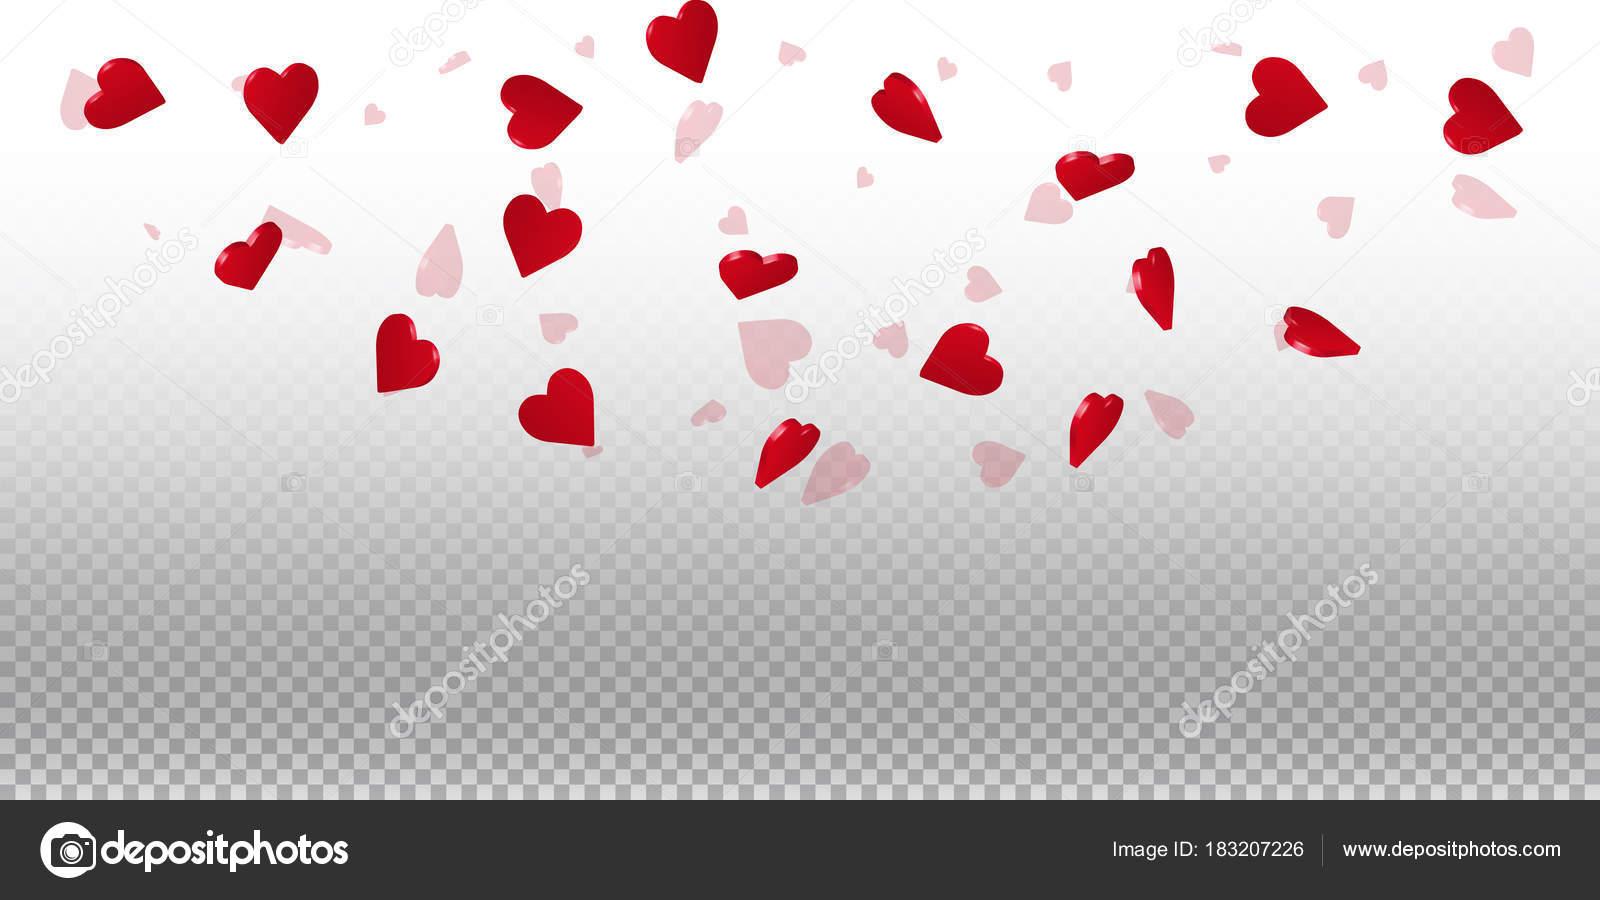 透過的なグリッド明るい背景の 3 d 心の 3 d 心バレンタインの背景上半円